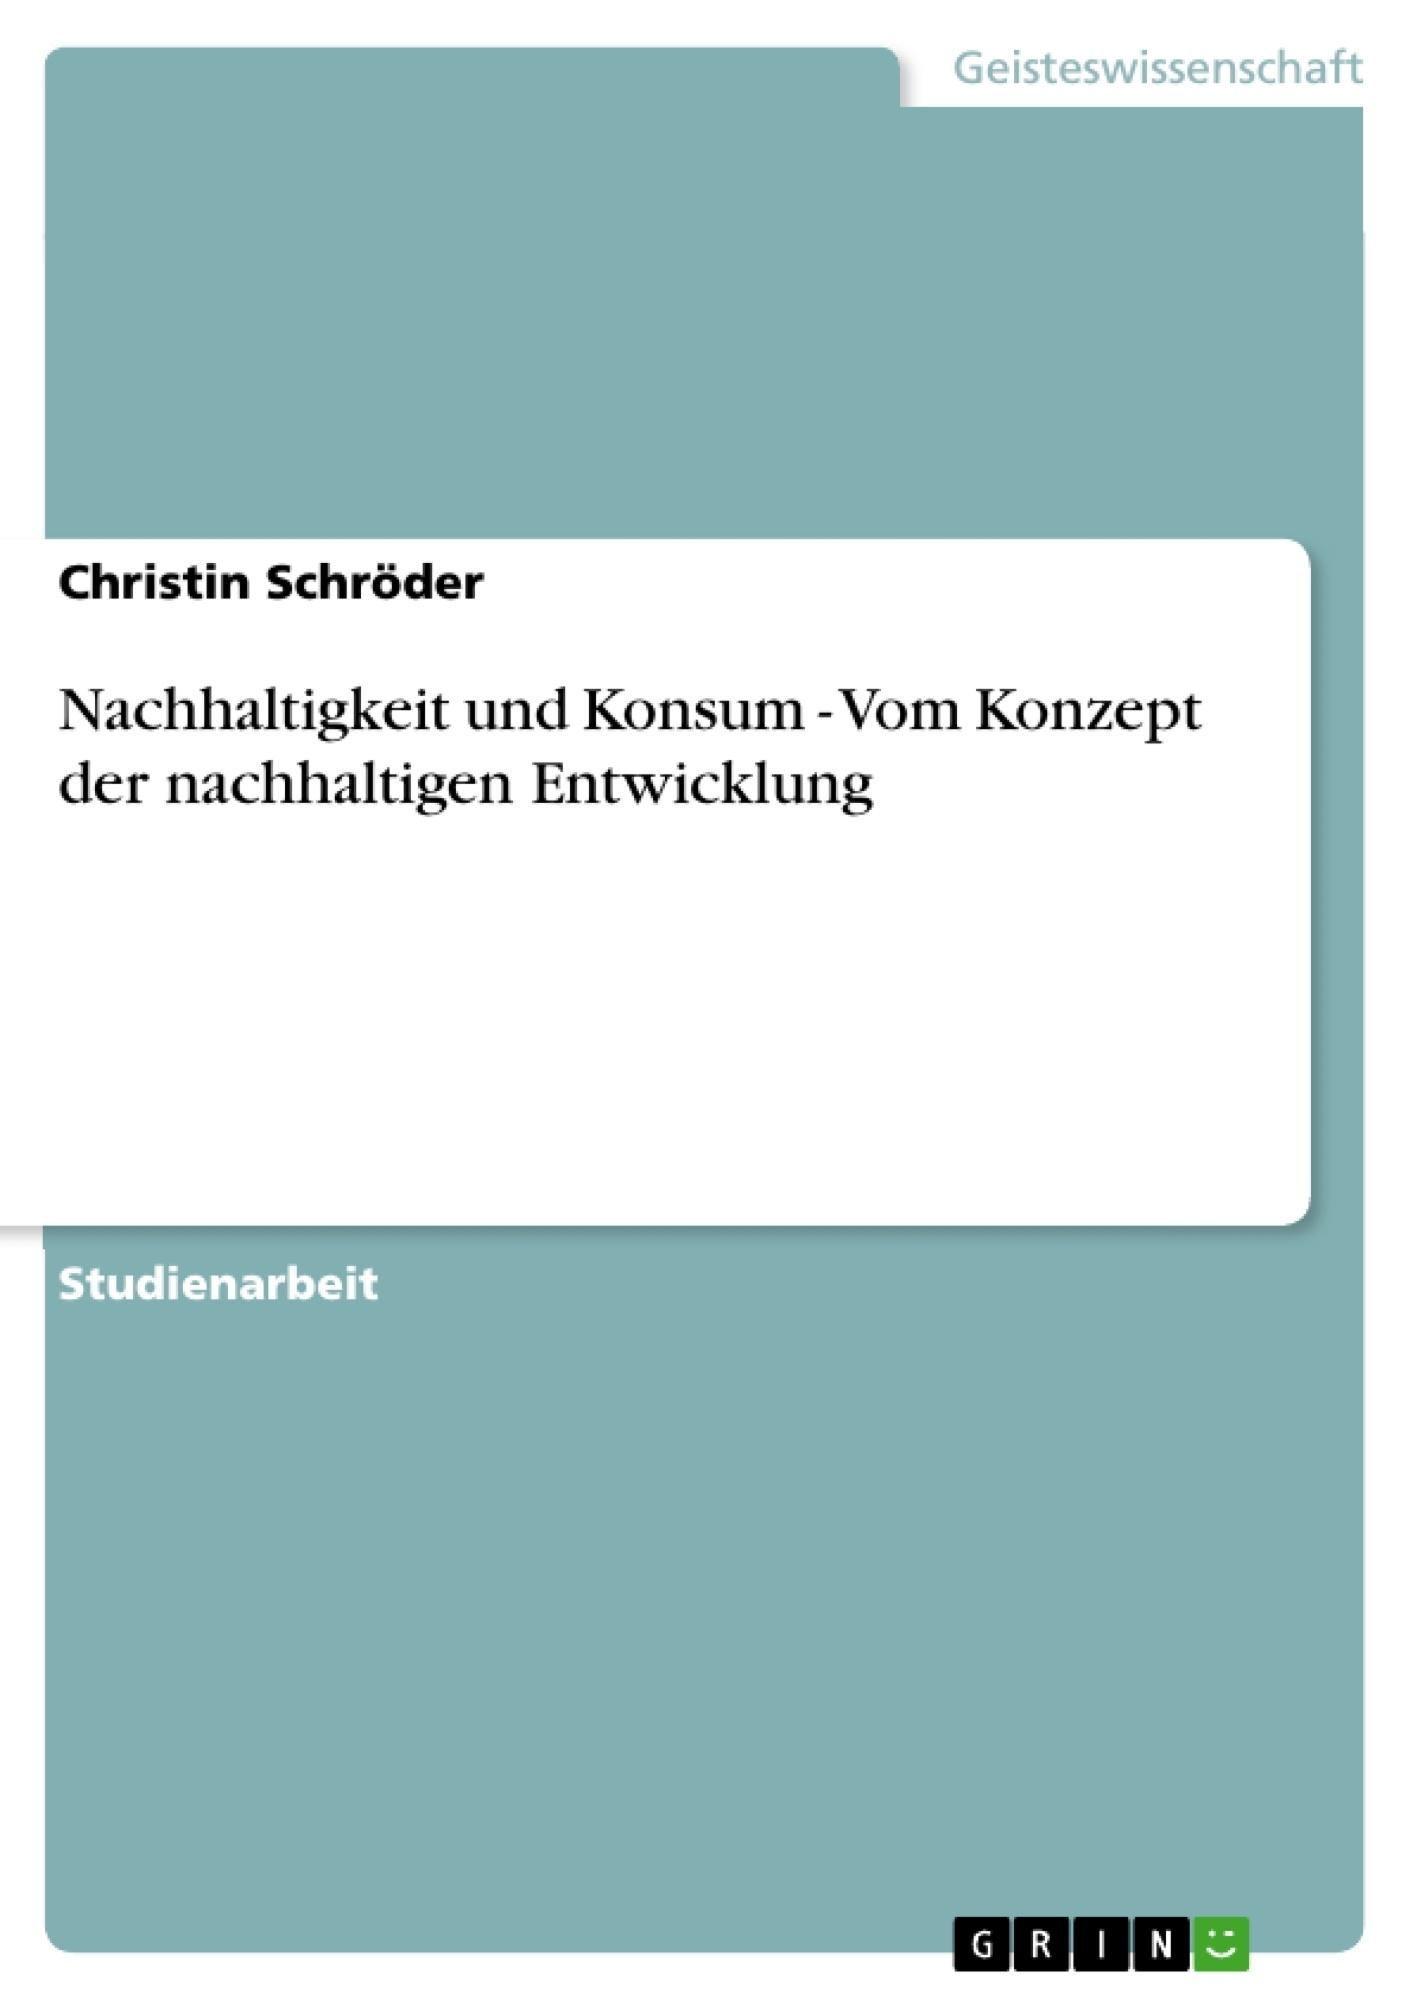 Titel: Nachhaltigkeit und Konsum - Vom Konzept der nachhaltigen Entwicklung